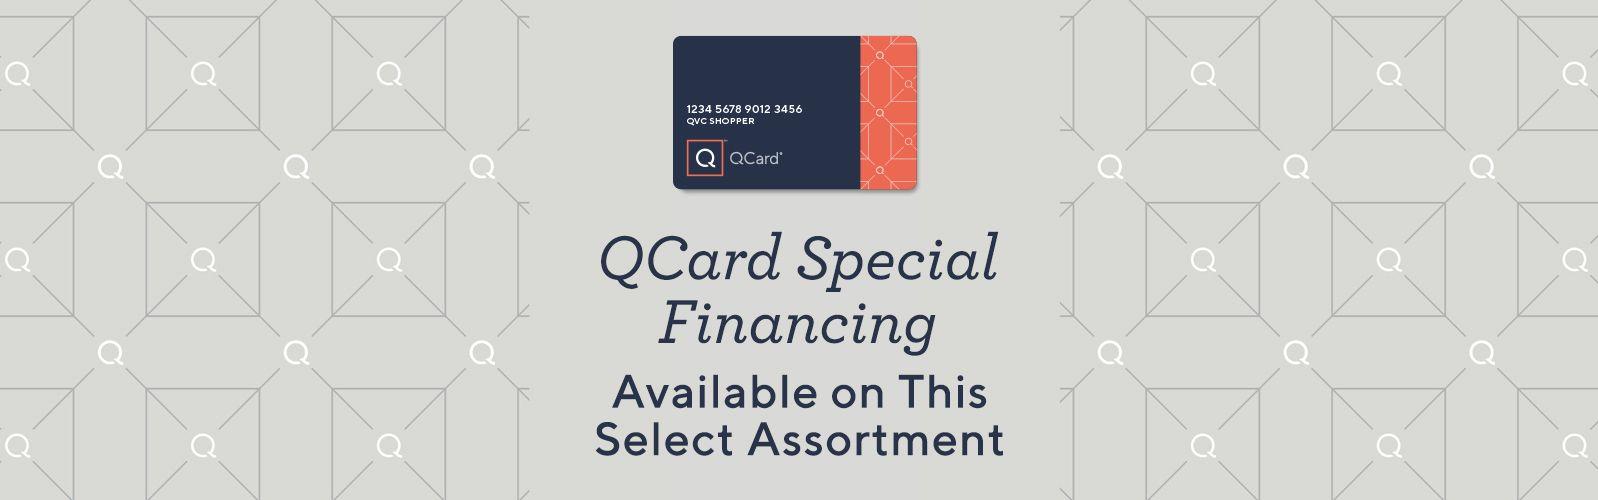 qvc customer care - Ataum berglauf-verband com